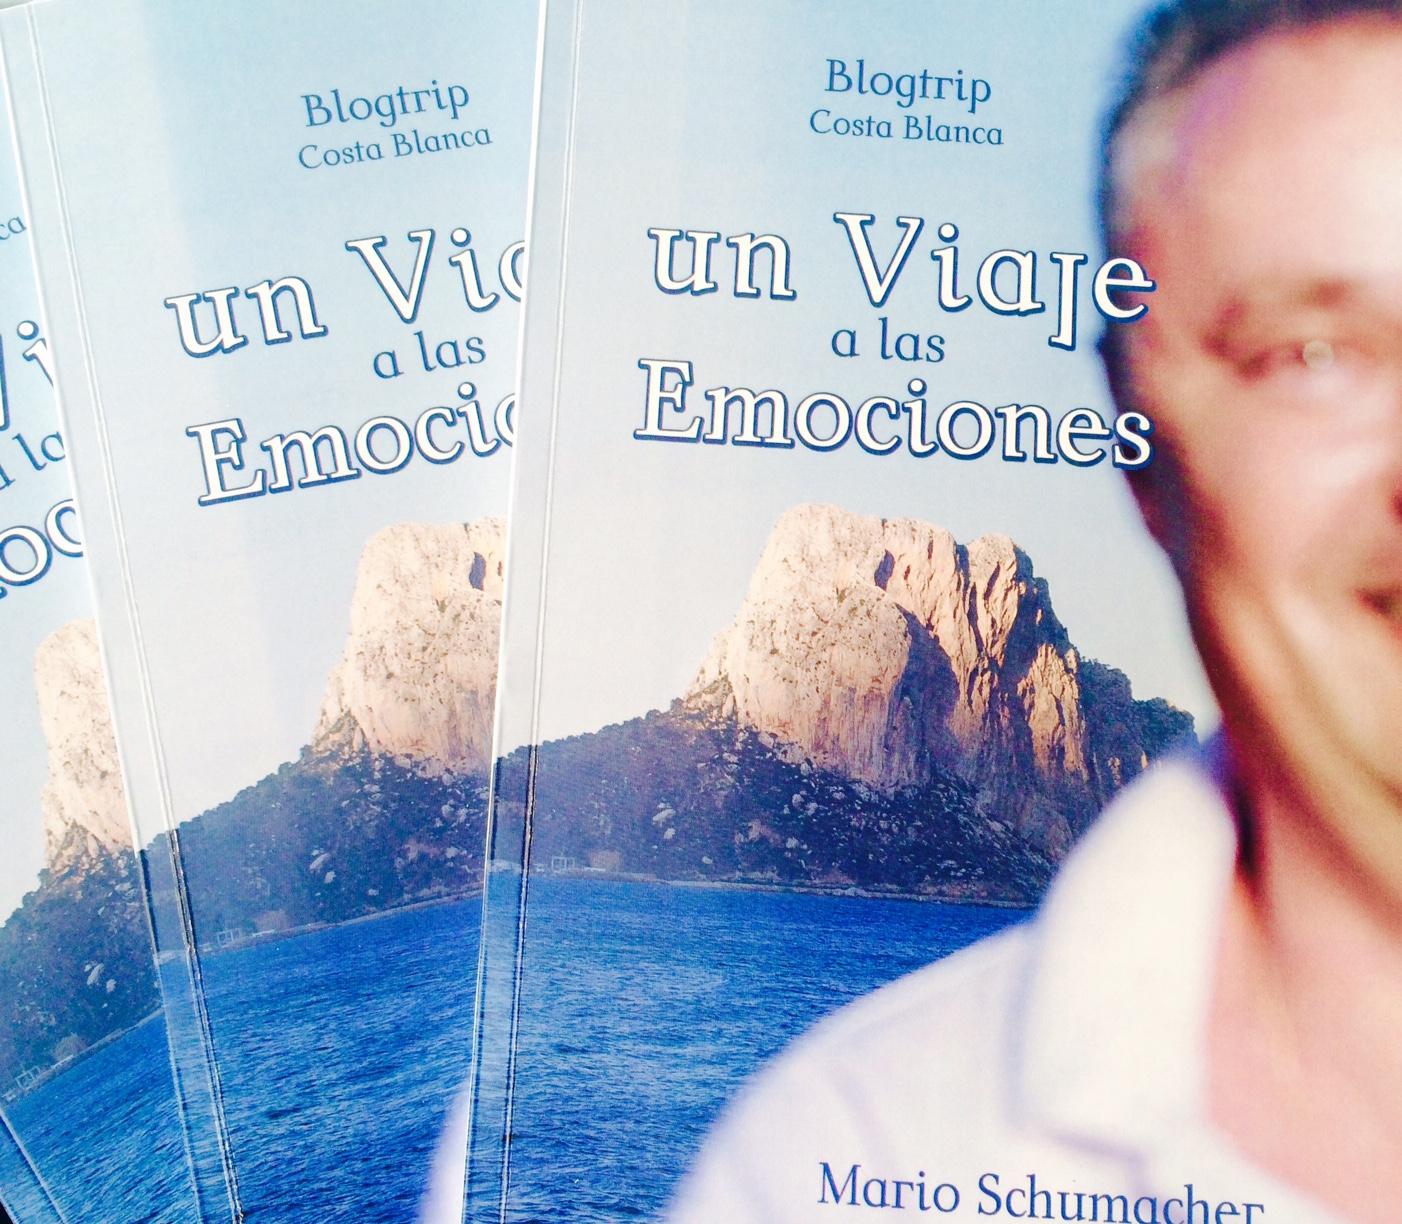 """Libro: """"Blogtrip Costa Blanca : Un Viaje a las Emociones"""" de Mario Schumacher"""